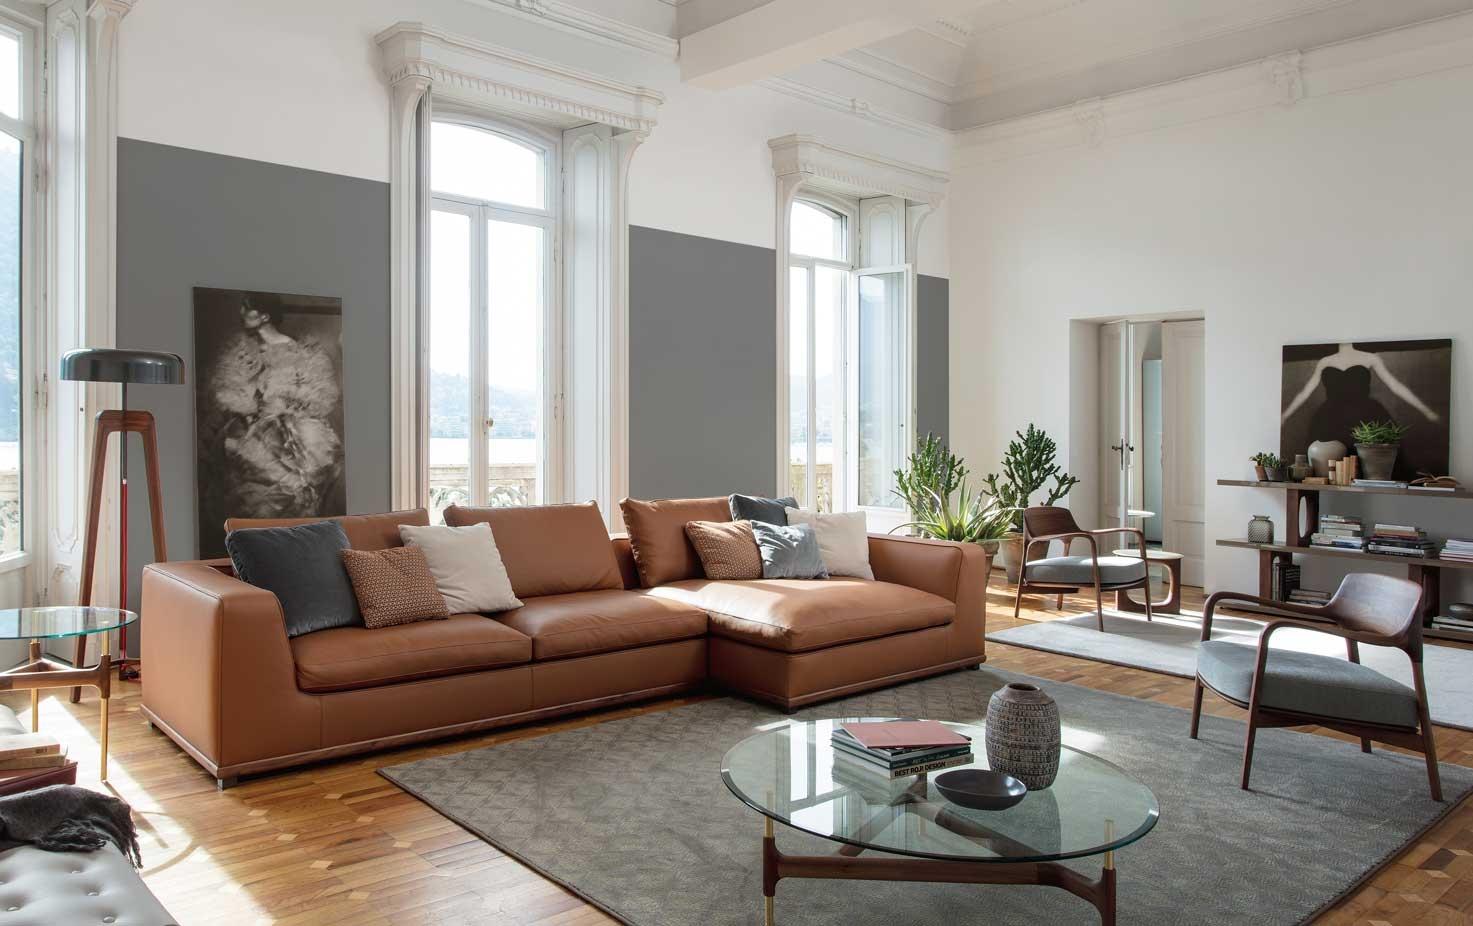 Kirk modular sofa